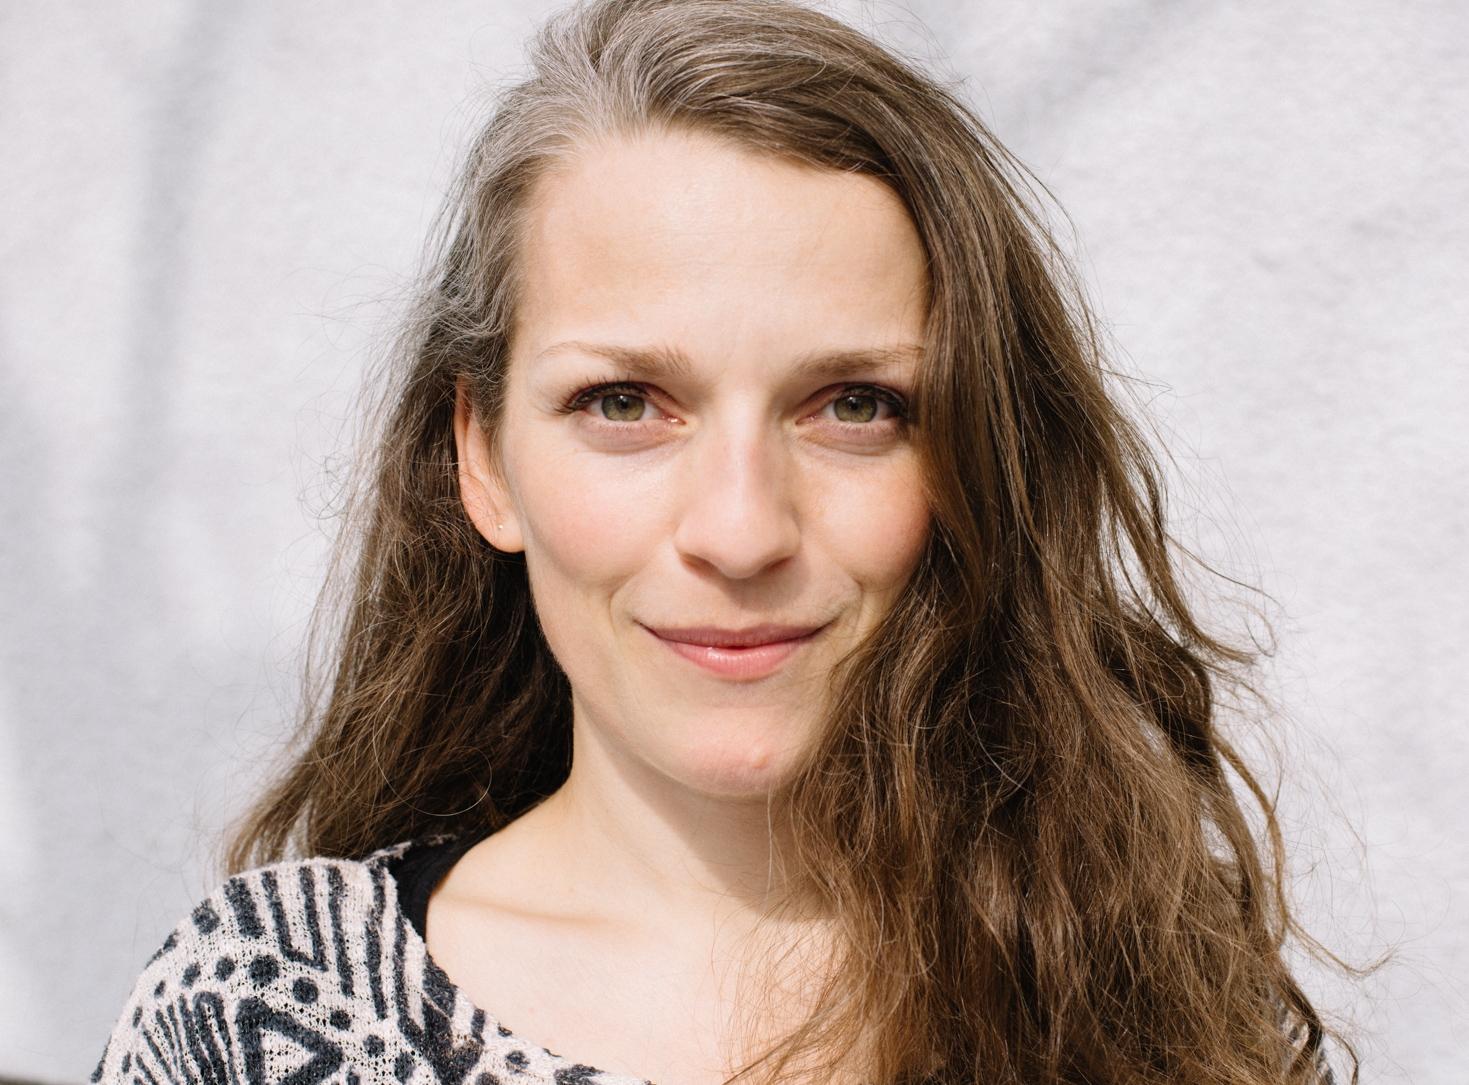 Carina Bischof, founder of Fashion Revolution Germany / ©️Cherie Birkner